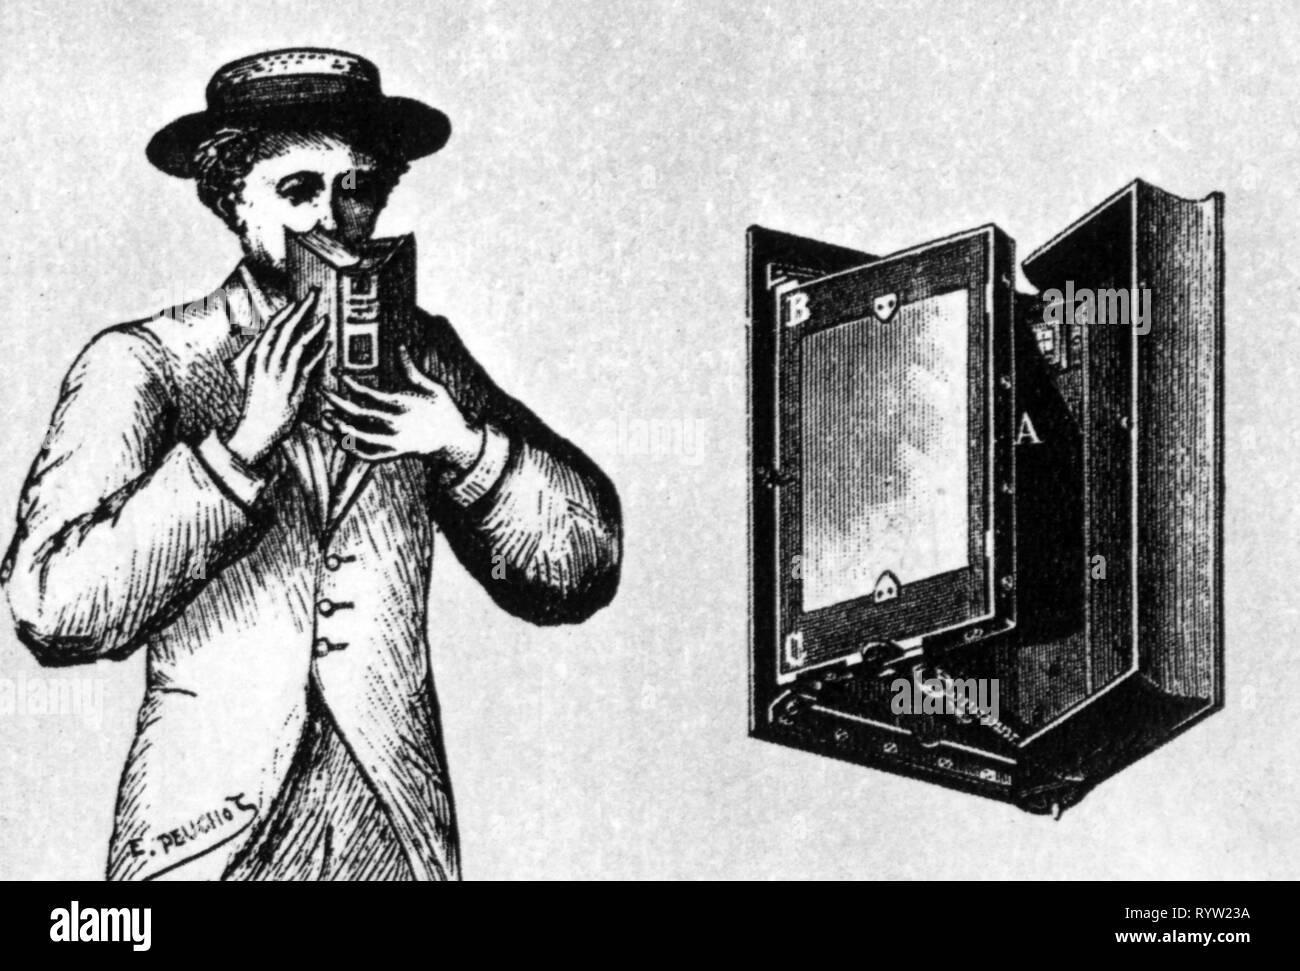 Fotografia, telecamere, fotocamera mascherato 'Photo-Volume' per piastre singole da Portefax, incisione su legno, 1895, Additional-Rights-Clearance-Info-Not-Available Immagini Stock